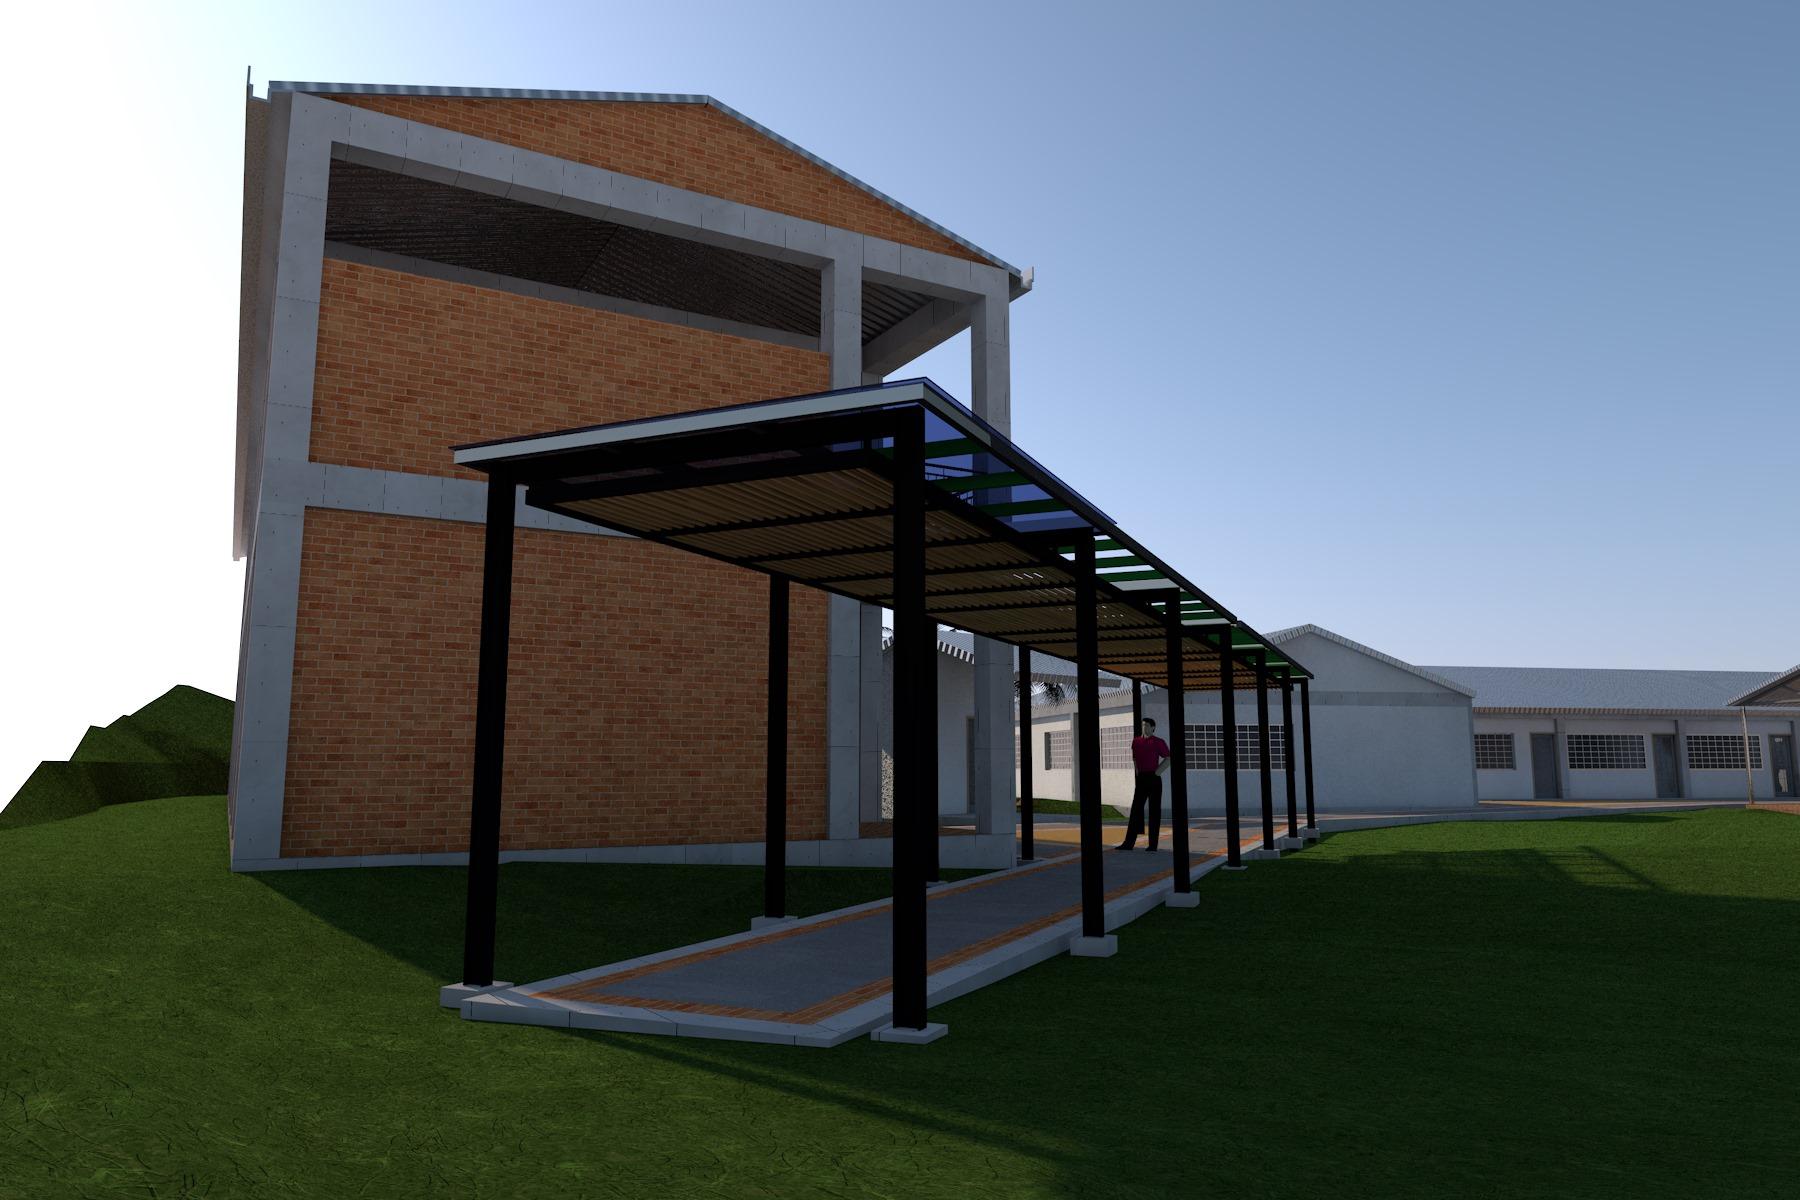 Ampliación del Centro Educativo Pozo Nutrias 2. En San Vicente de Chucurí invertirán $1.075 millones   EL FRENTE